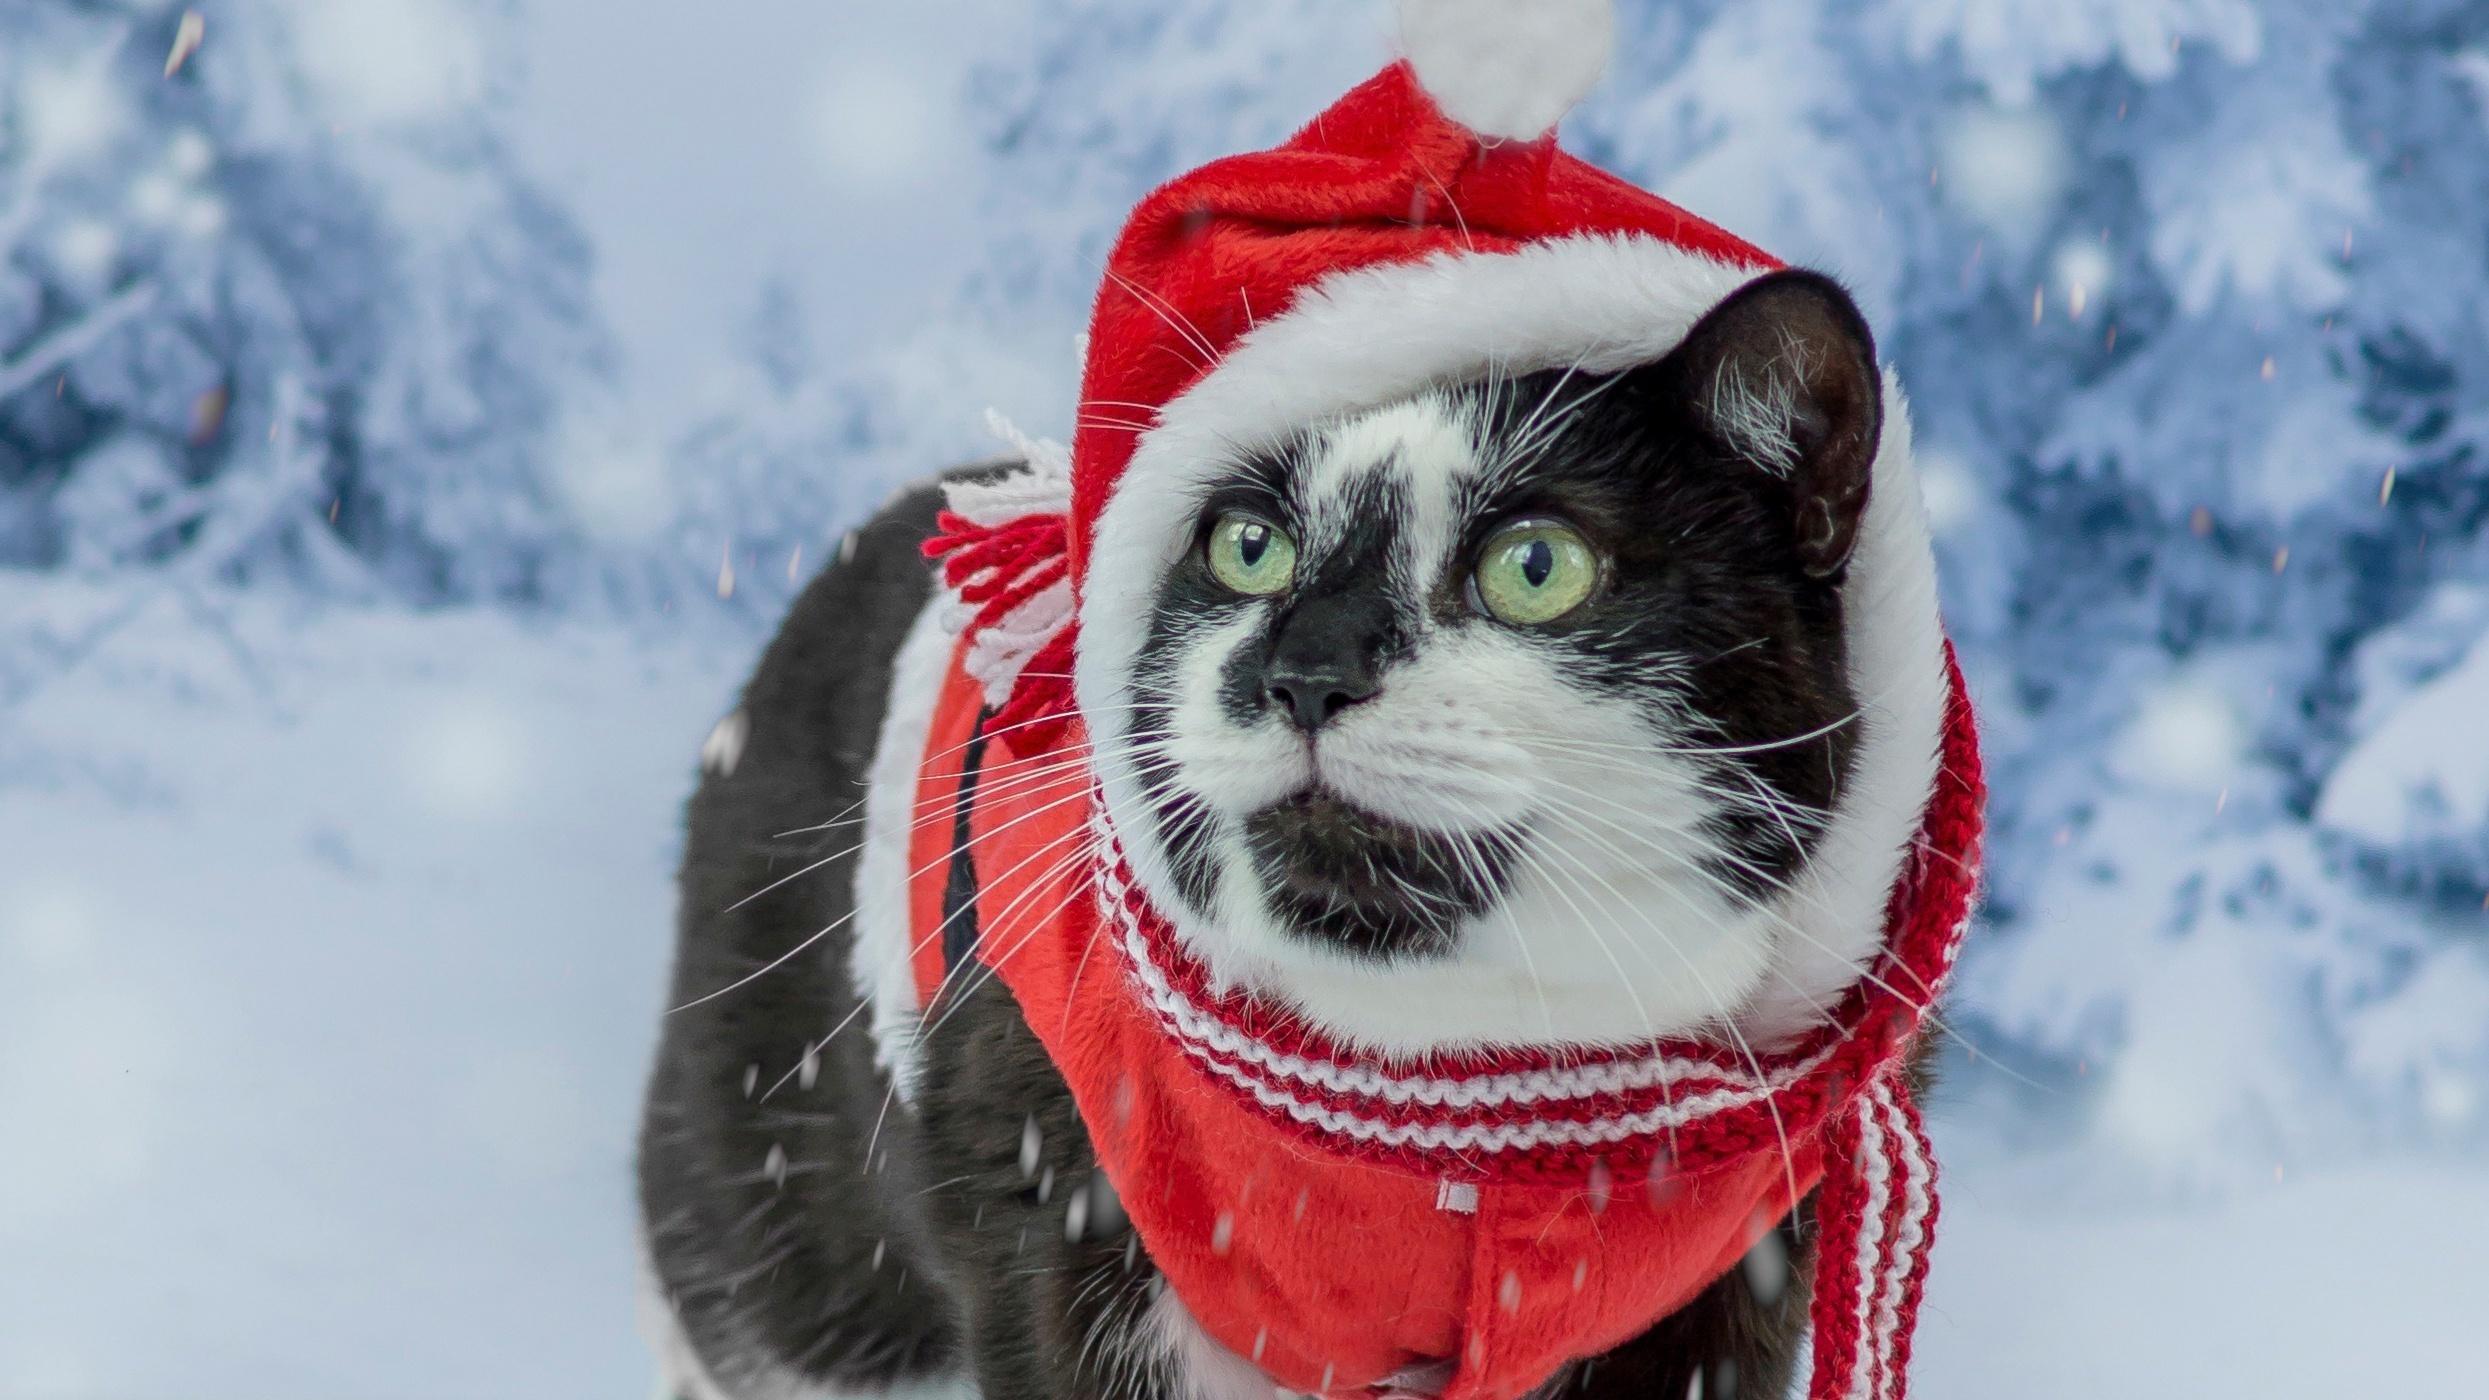 Картинка: Кот, чёрно-белый, шапка, красная, зима, снег